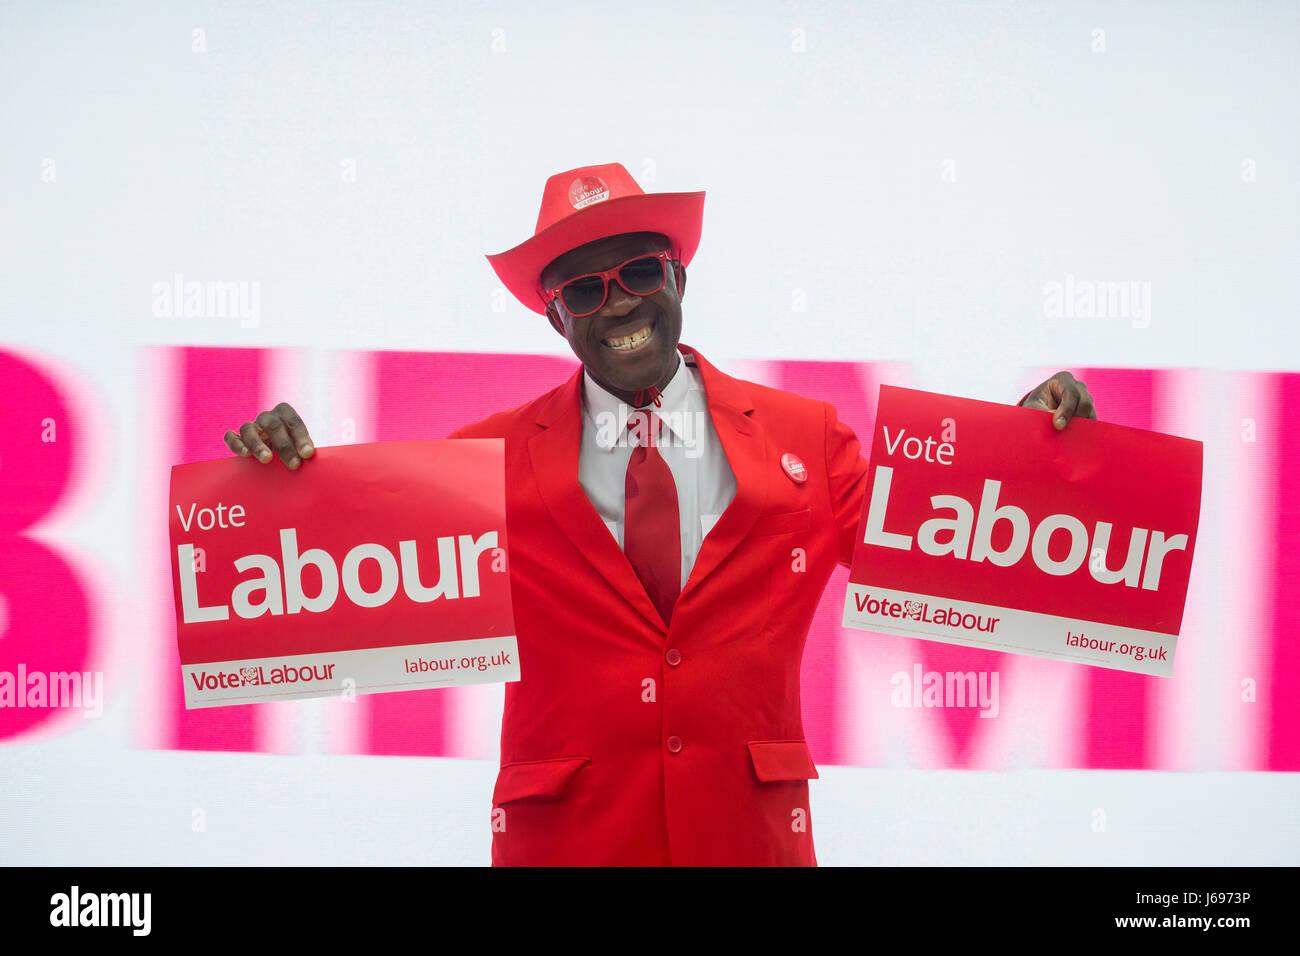 Encantador Partido Rojo Vestir Reino Unido Foto - Ideas de Estilos ...